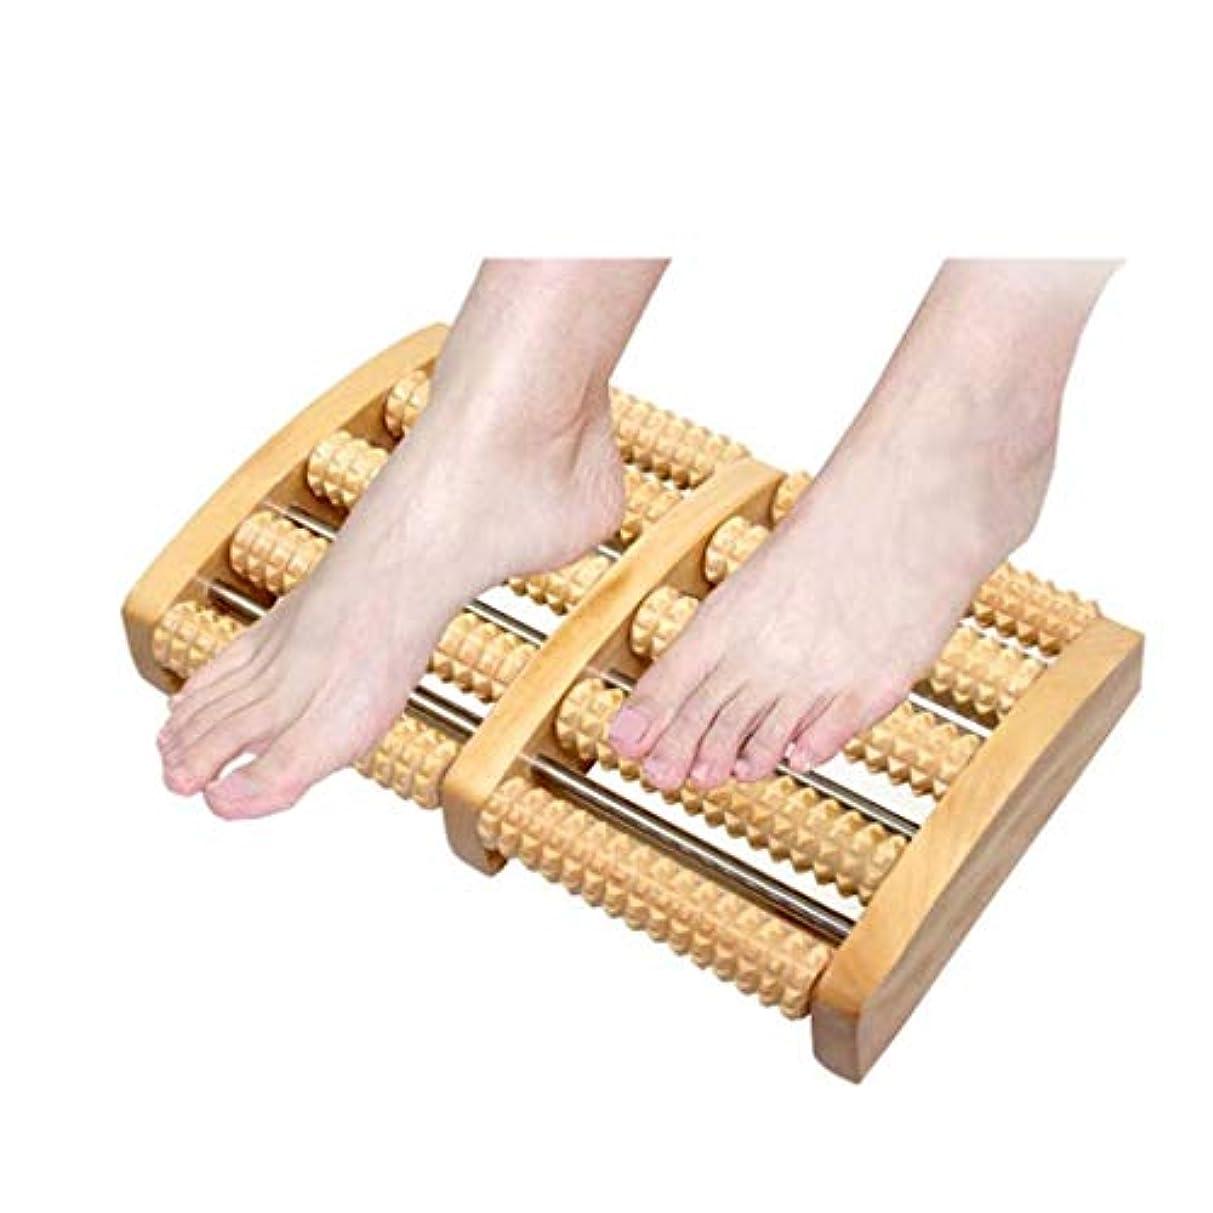 主導権出費特異なフットマッサージ、木製フットマッサージローラー-足底筋膜炎、かかと、アーチの痛みを和らげます-指圧マッサージでストレスを緩和 (Color : A)